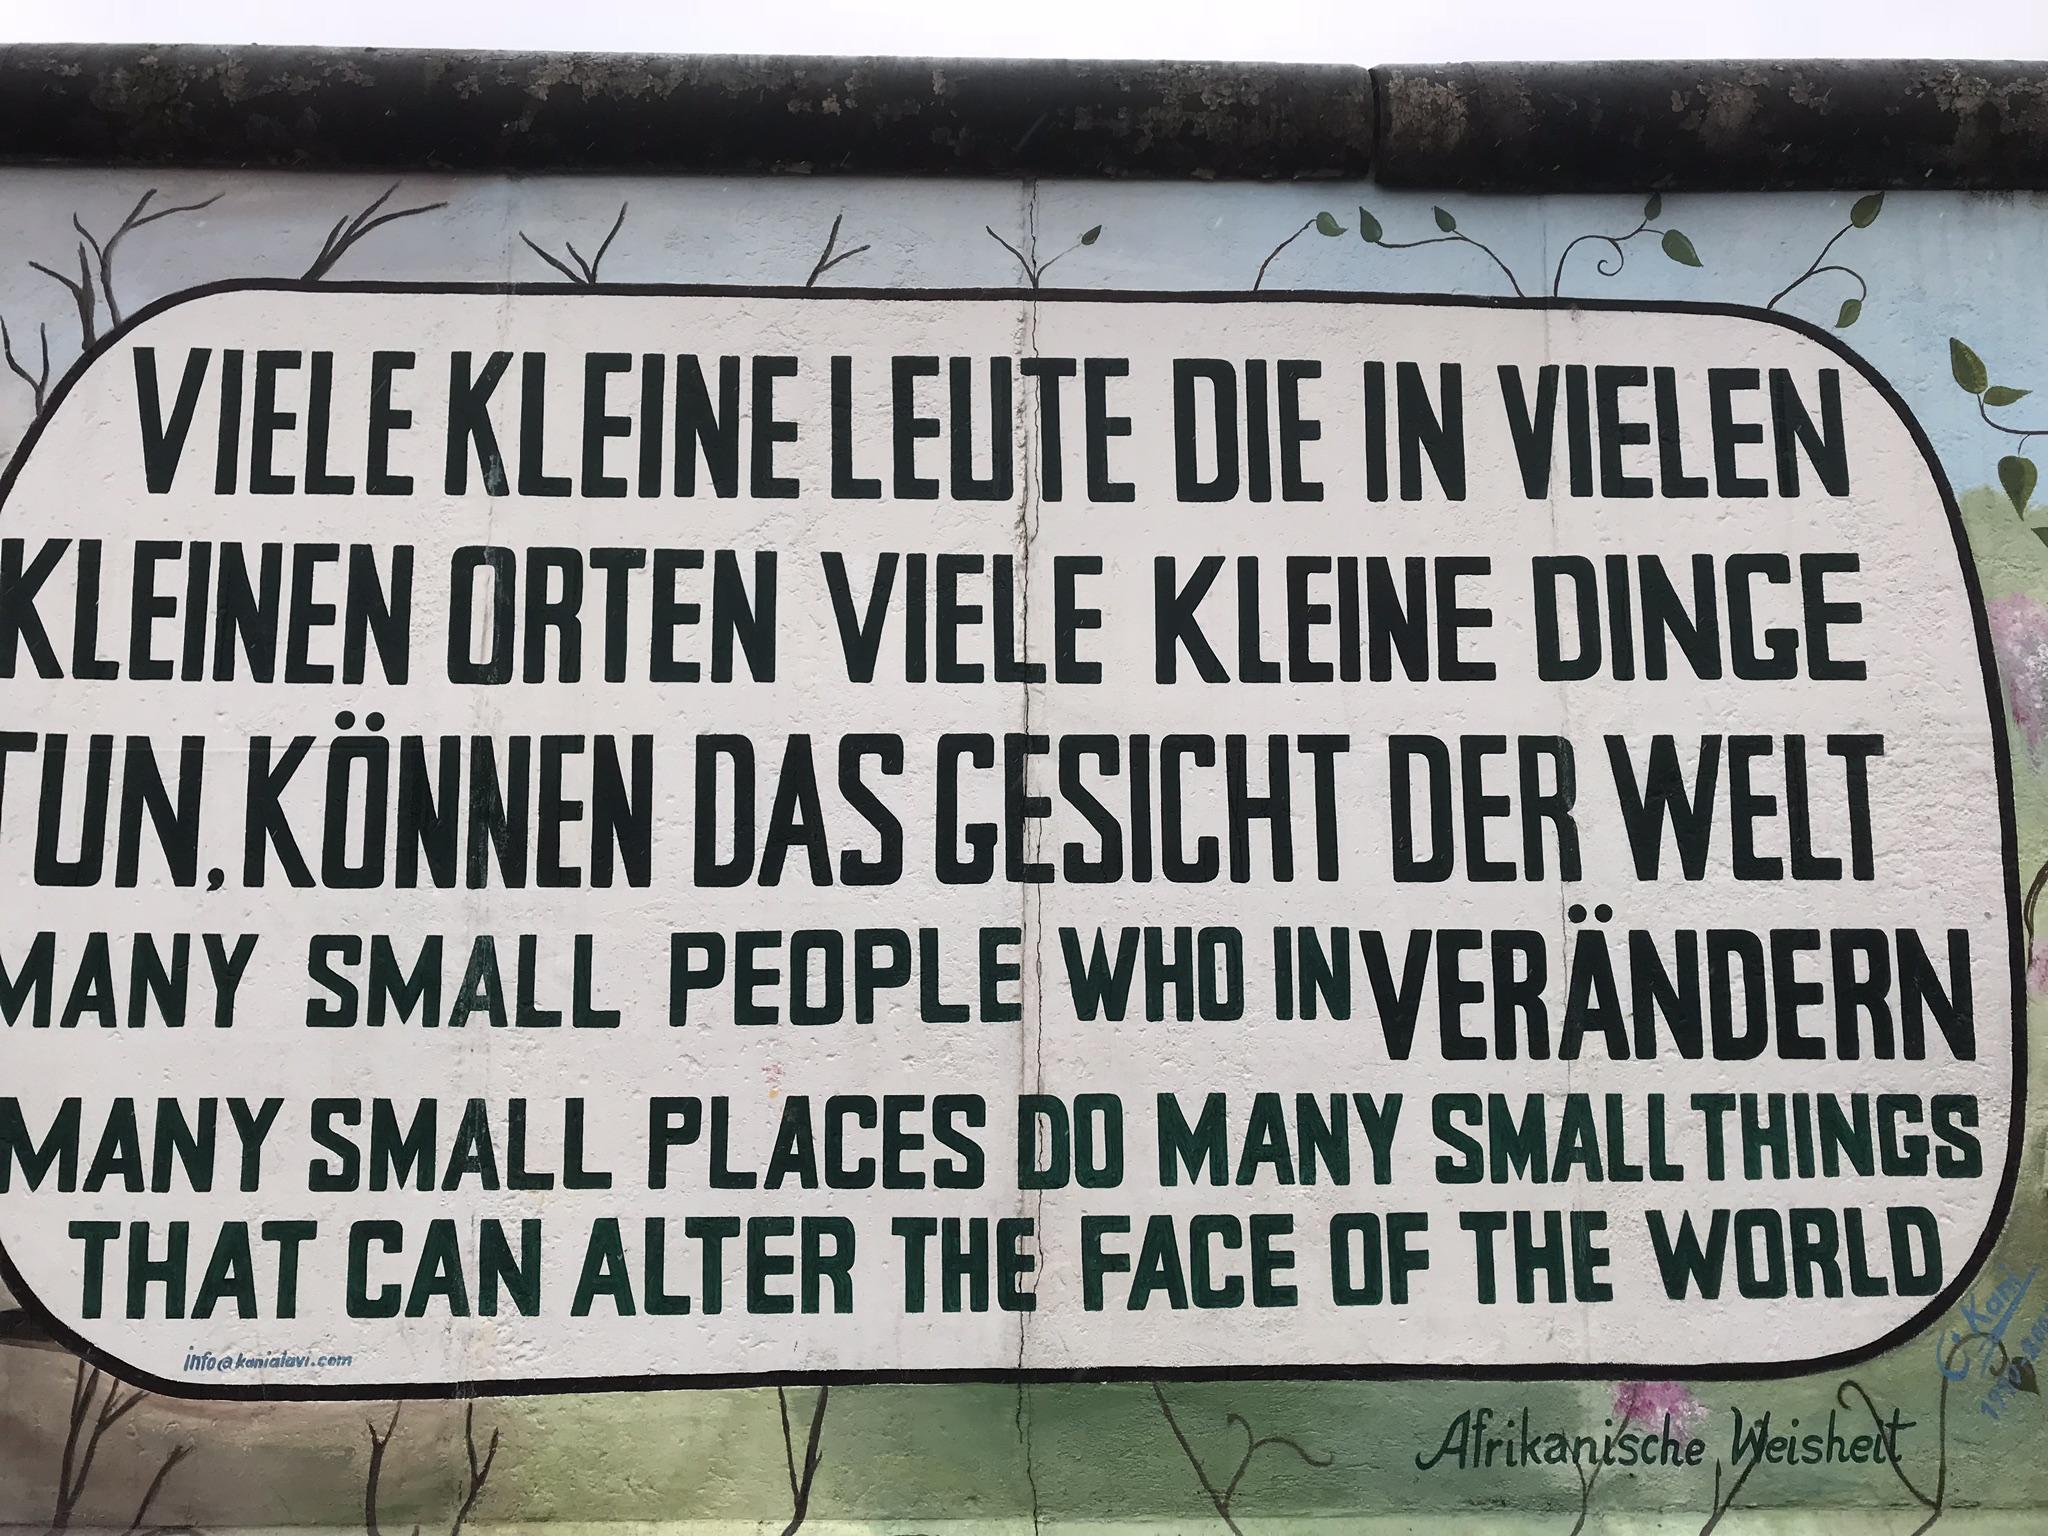 ¨Muitos pequenos lugares fazem pequenas coisas que podem alterar a face do mundo.¨